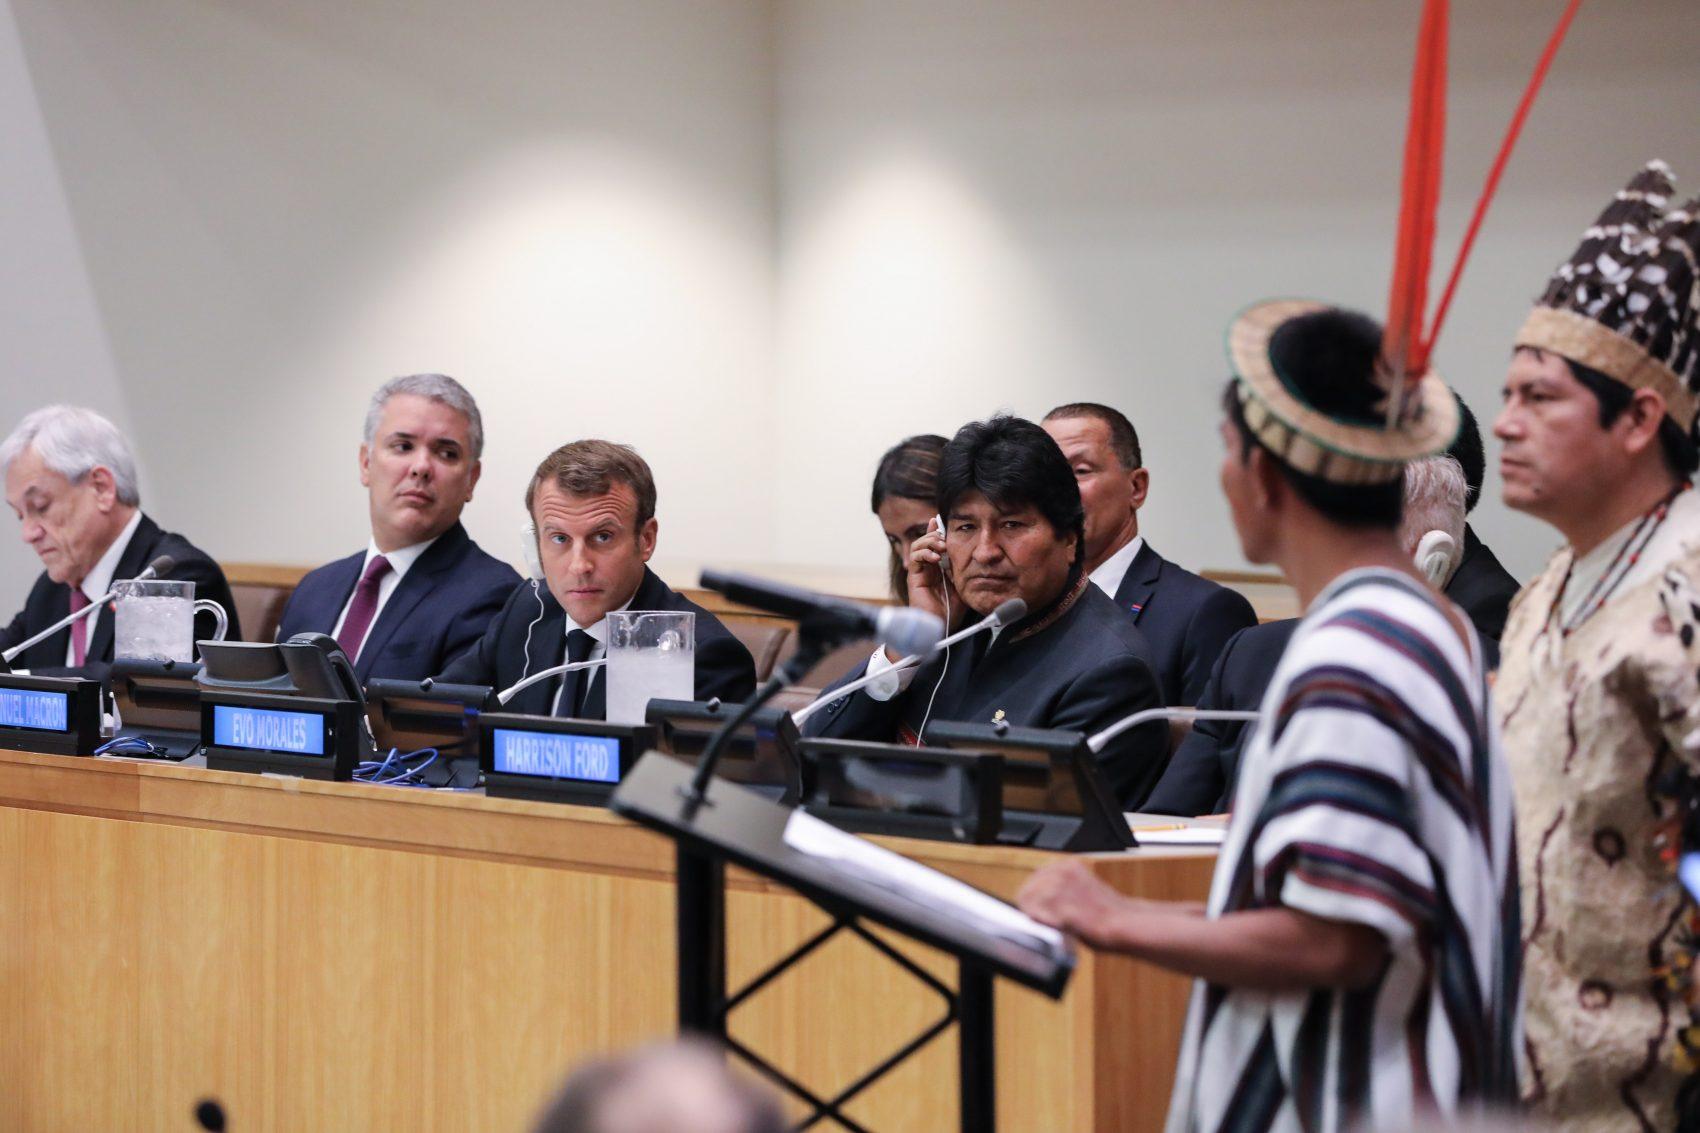 Ao lado dos presidentes do Chile Sebastian Pinera, da Colômbia, Ivan Duque, e da Bolívia, Evo Morales, o francês Emmanuel Macron ouve líderes indígenas da Amazônia no lançamento da Aliança pelas Florestas Tropicais na sede da ONU (Foto: Ludovic Marin/AFP)